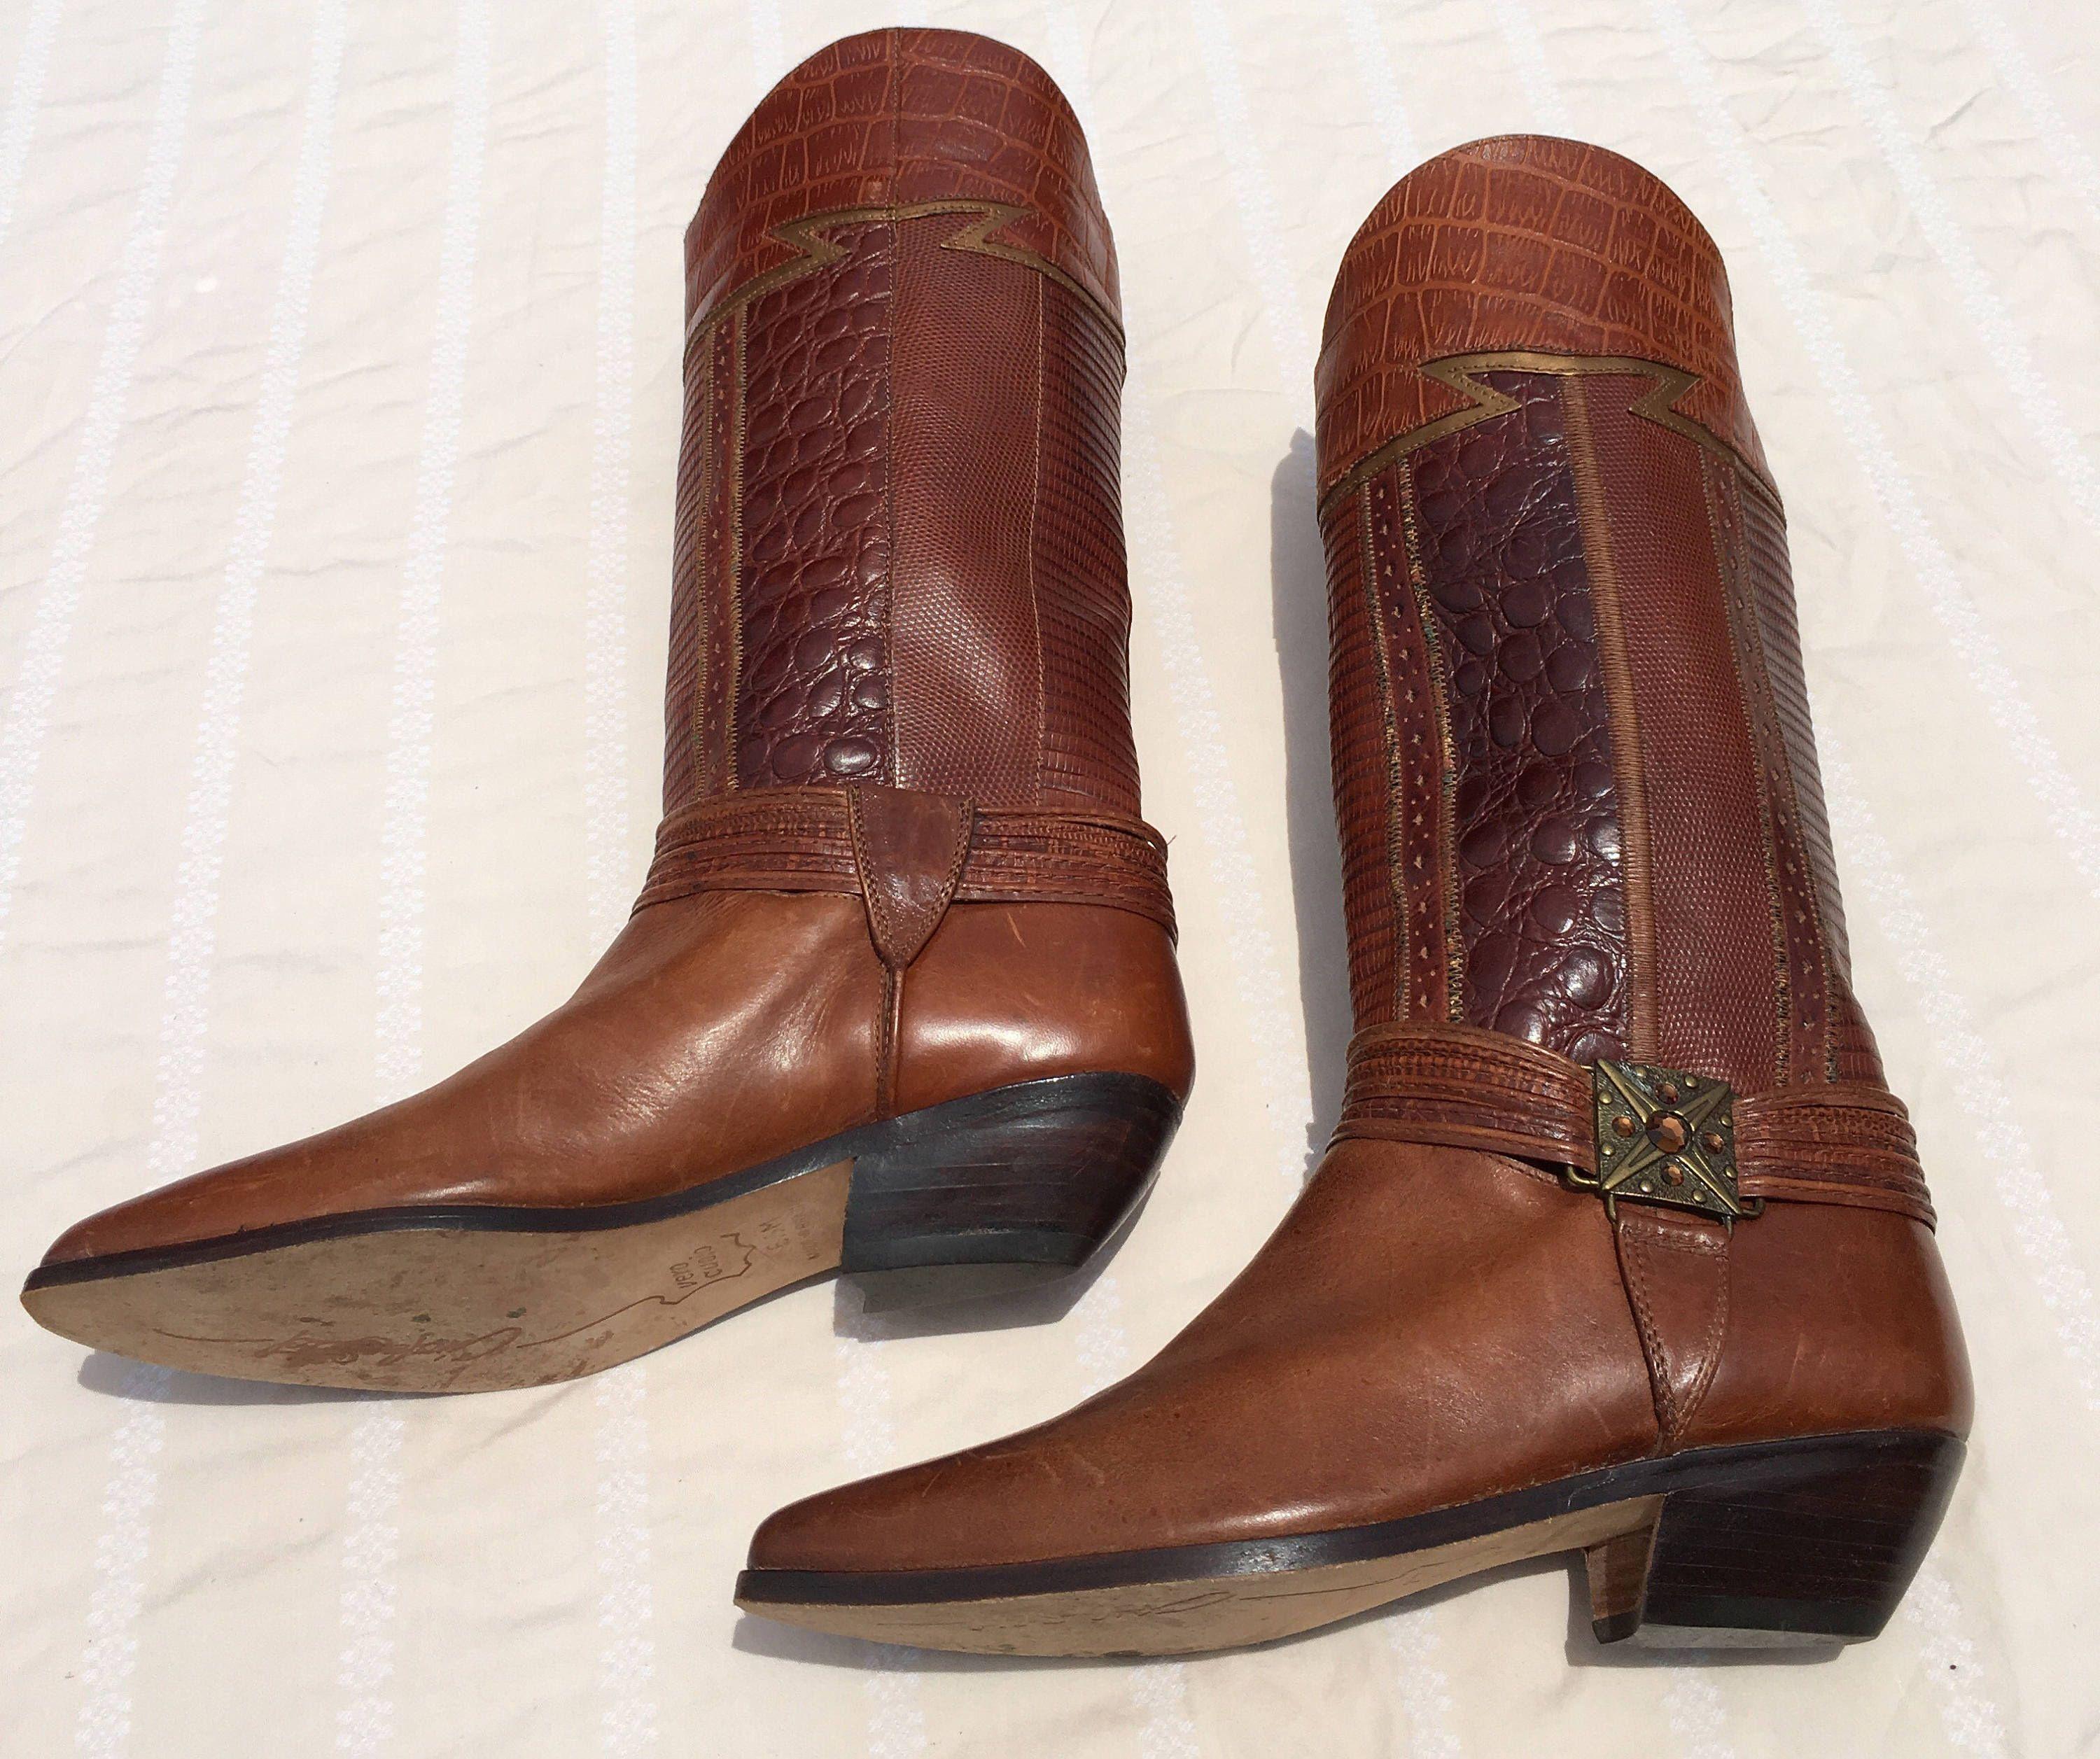 5e77d27ec2e8 Circle S Ltd Iguana Tara Multi women's cowgirl boots , made in Brazil, size  6.5